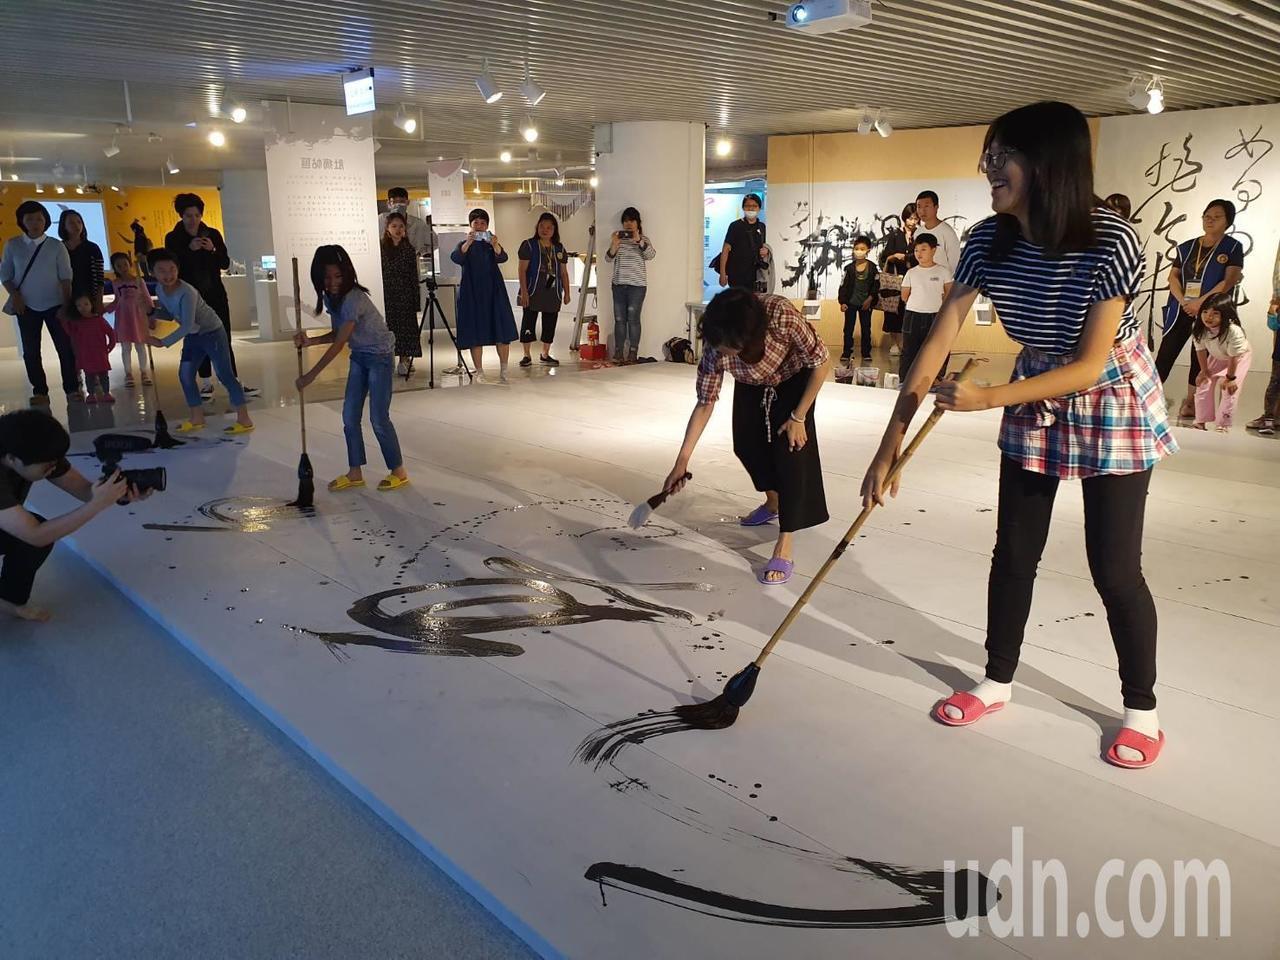 桃園市兒童美術館自8日起展出「玩筆弄墨—兒童書藝體驗展」,今日首次舉行由書藝家帶...